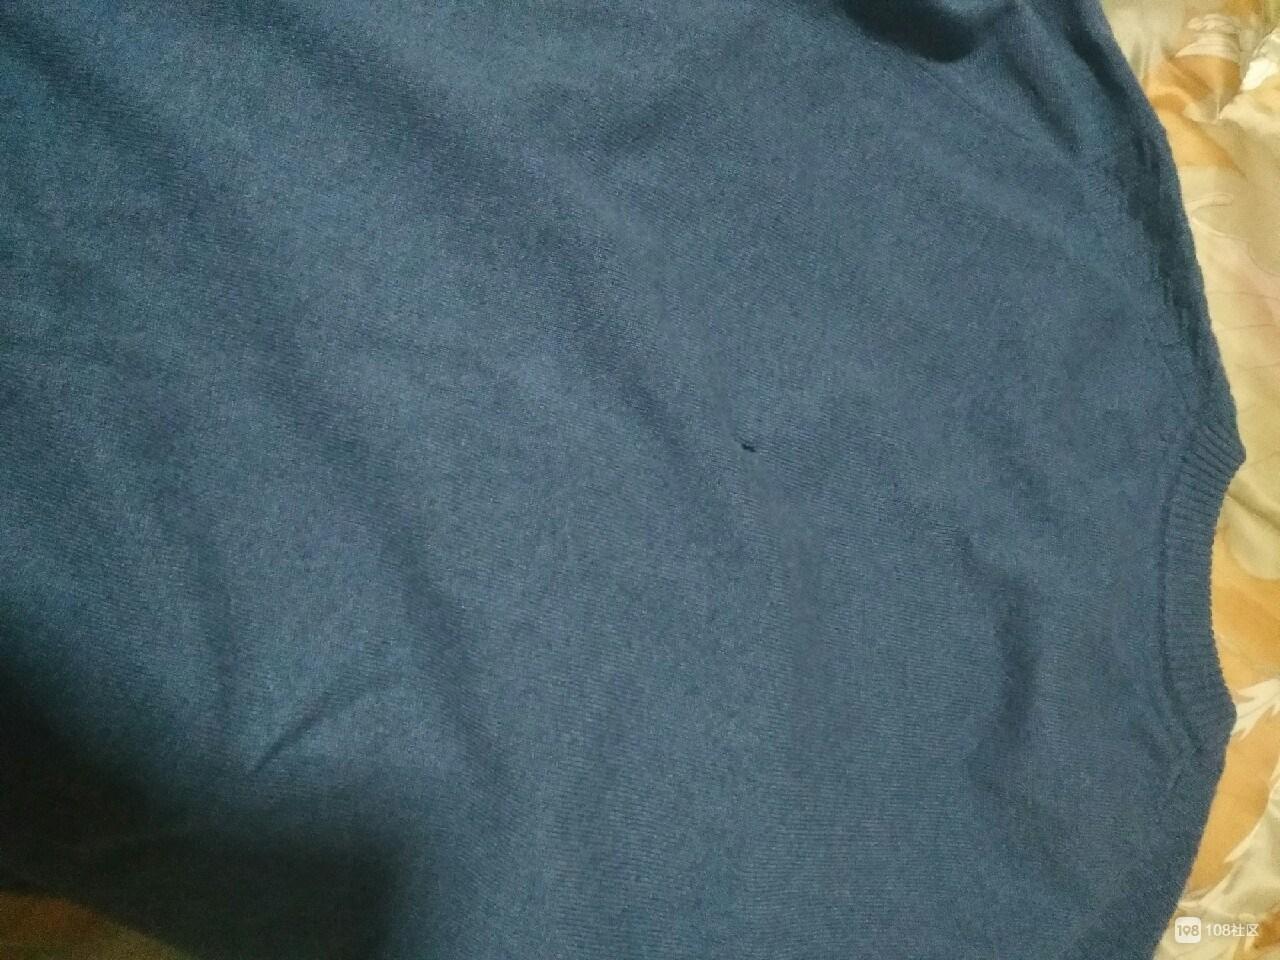 去年亲戚送我的羊毛衫,没穿过就变成这样了!你们遇到过吗?